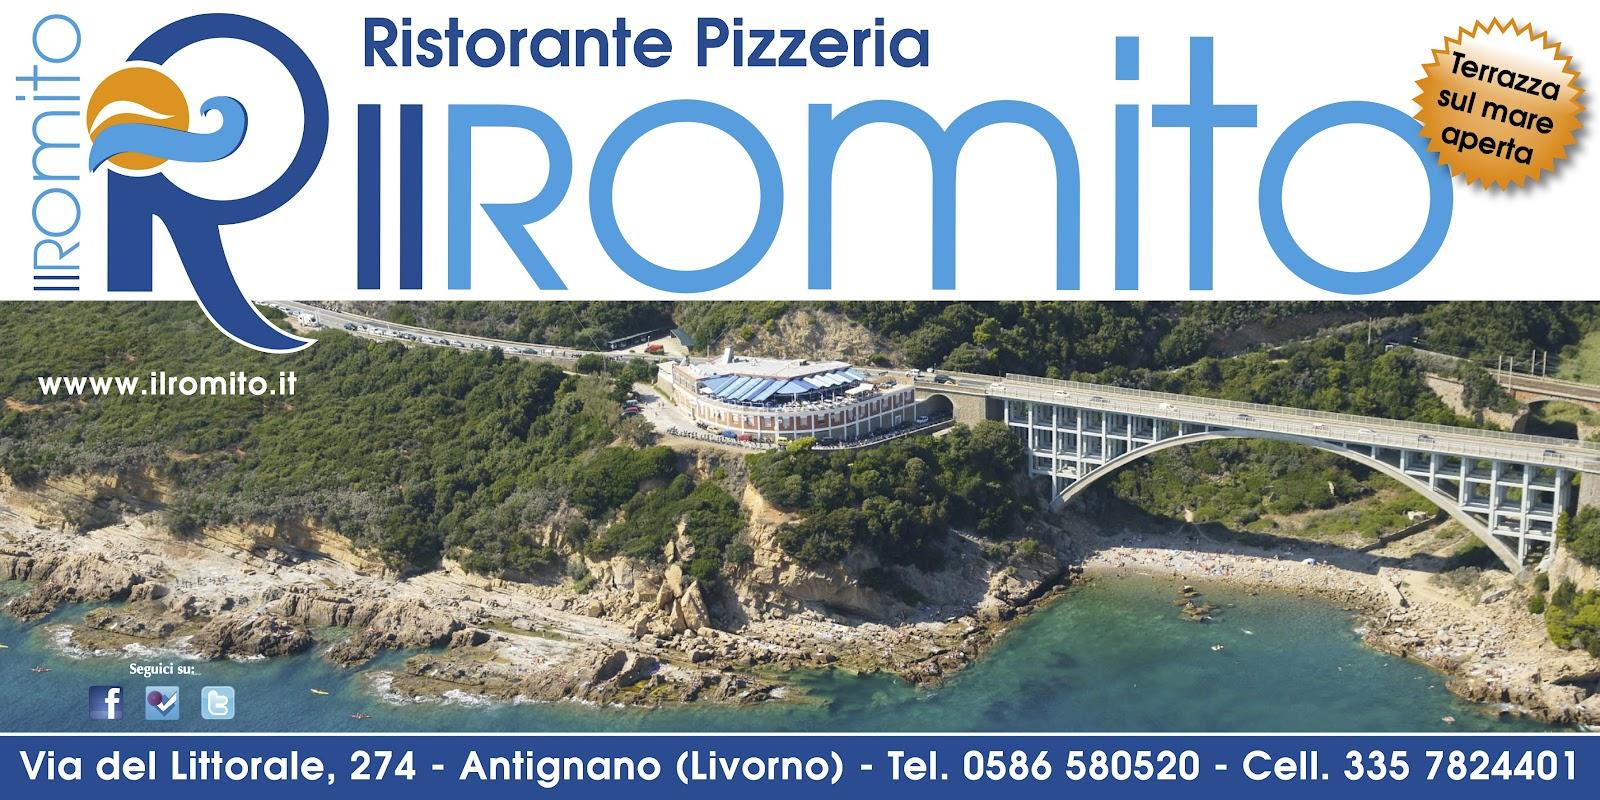 Hotel Ristorante Pizzeria Il Romito: 2012